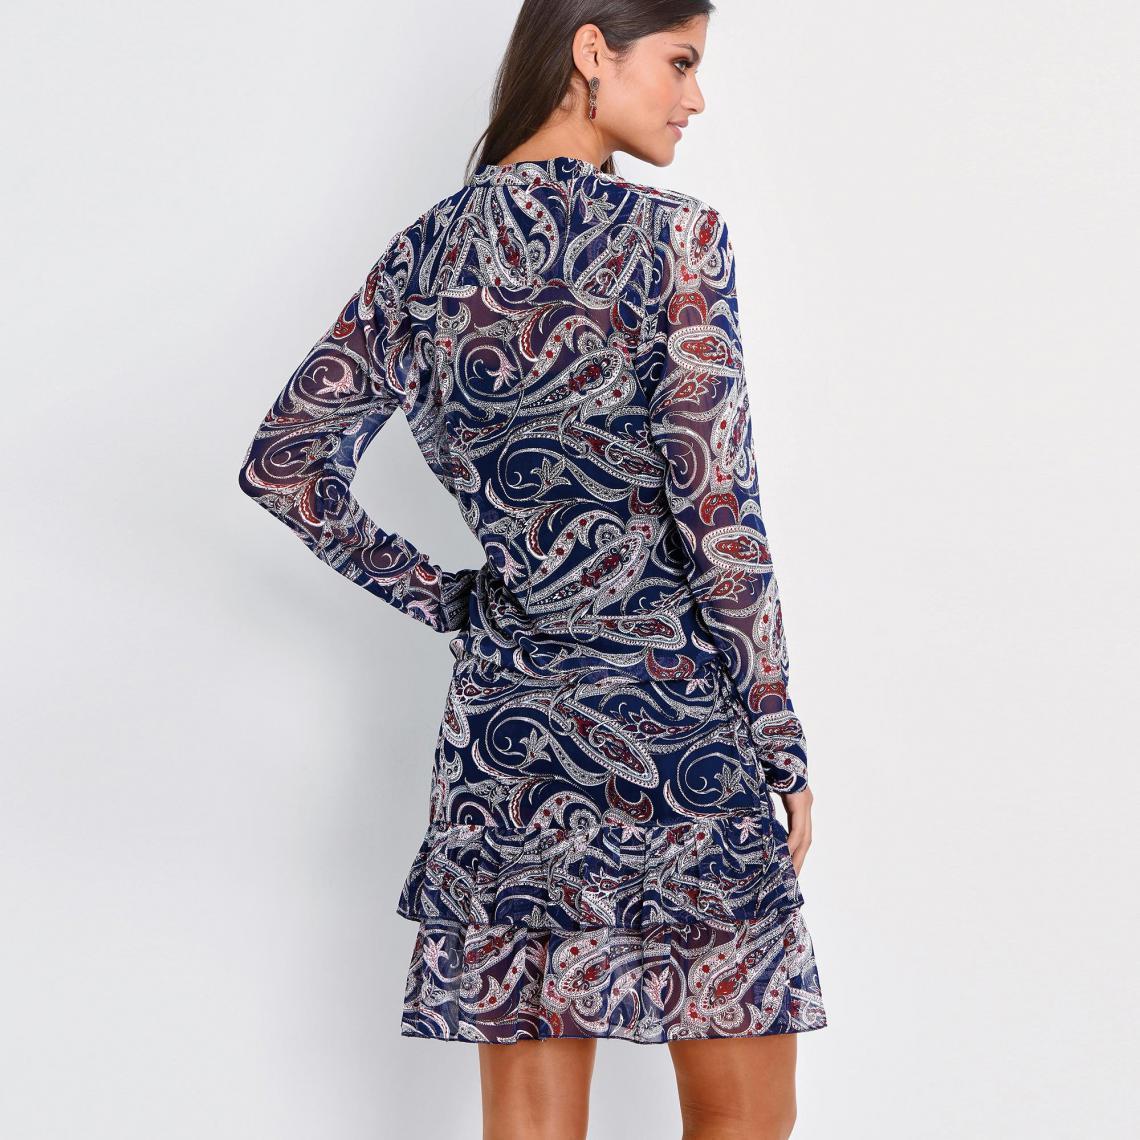 c93064a4e74 Robe courte imprimée volants manches longues femme - imprimé bleu ...